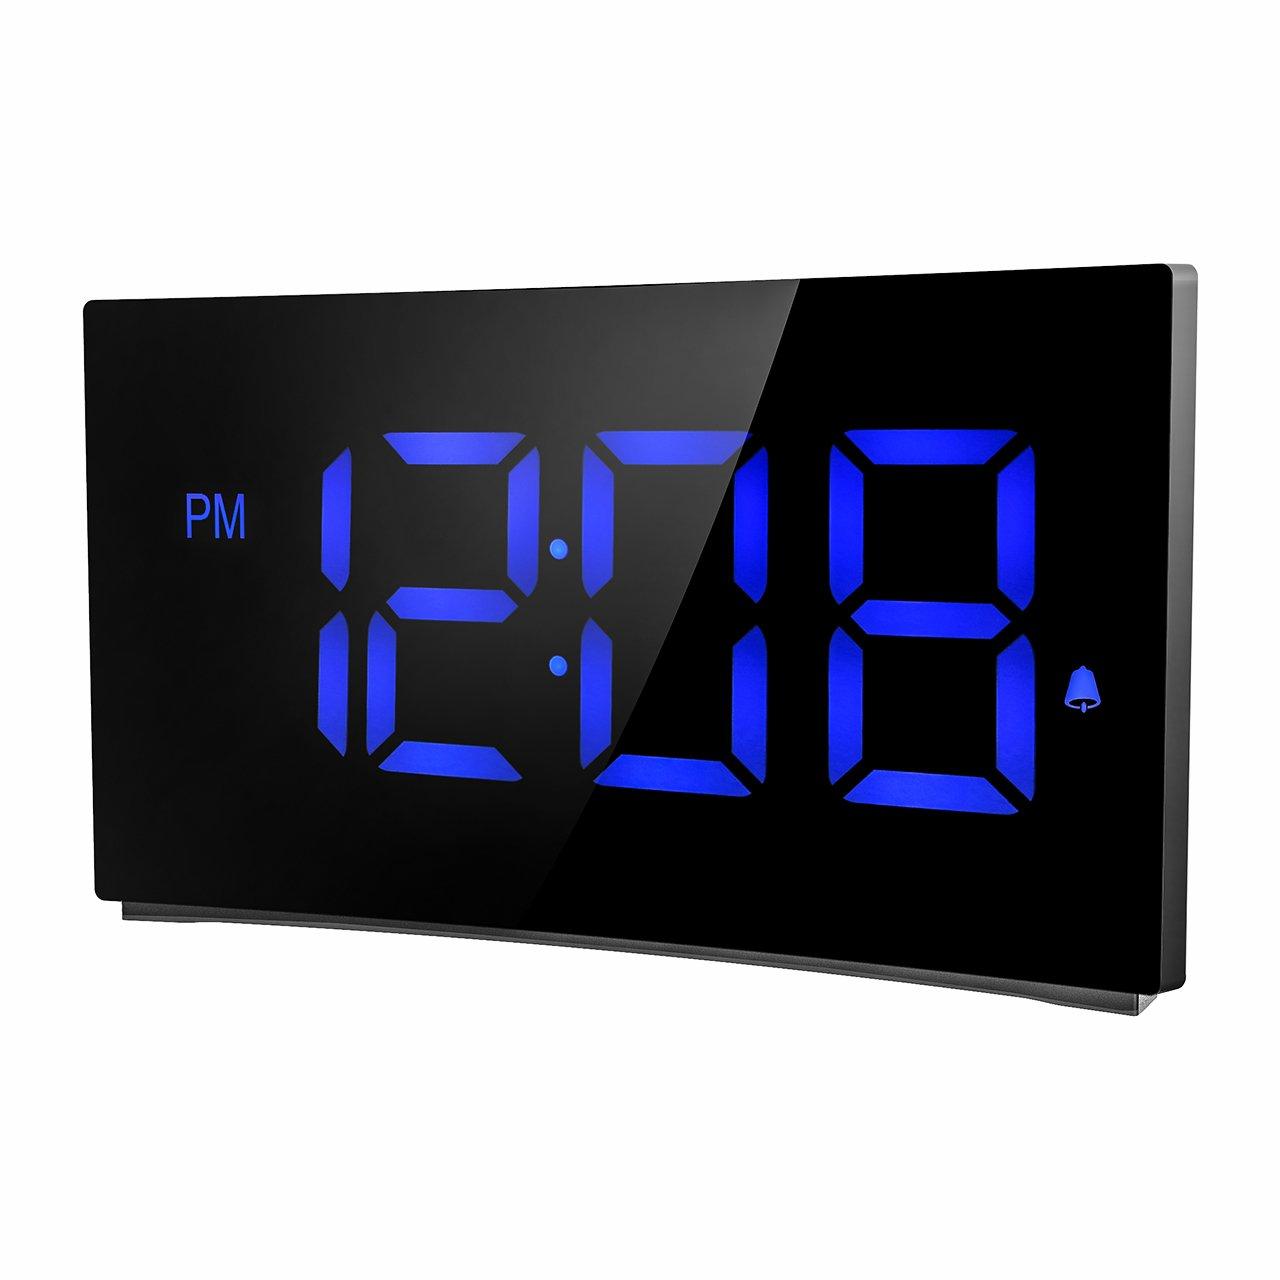 ca0130cc290a Mejor valorados en Relojes y despertadores para el hogar   Opiniones ...